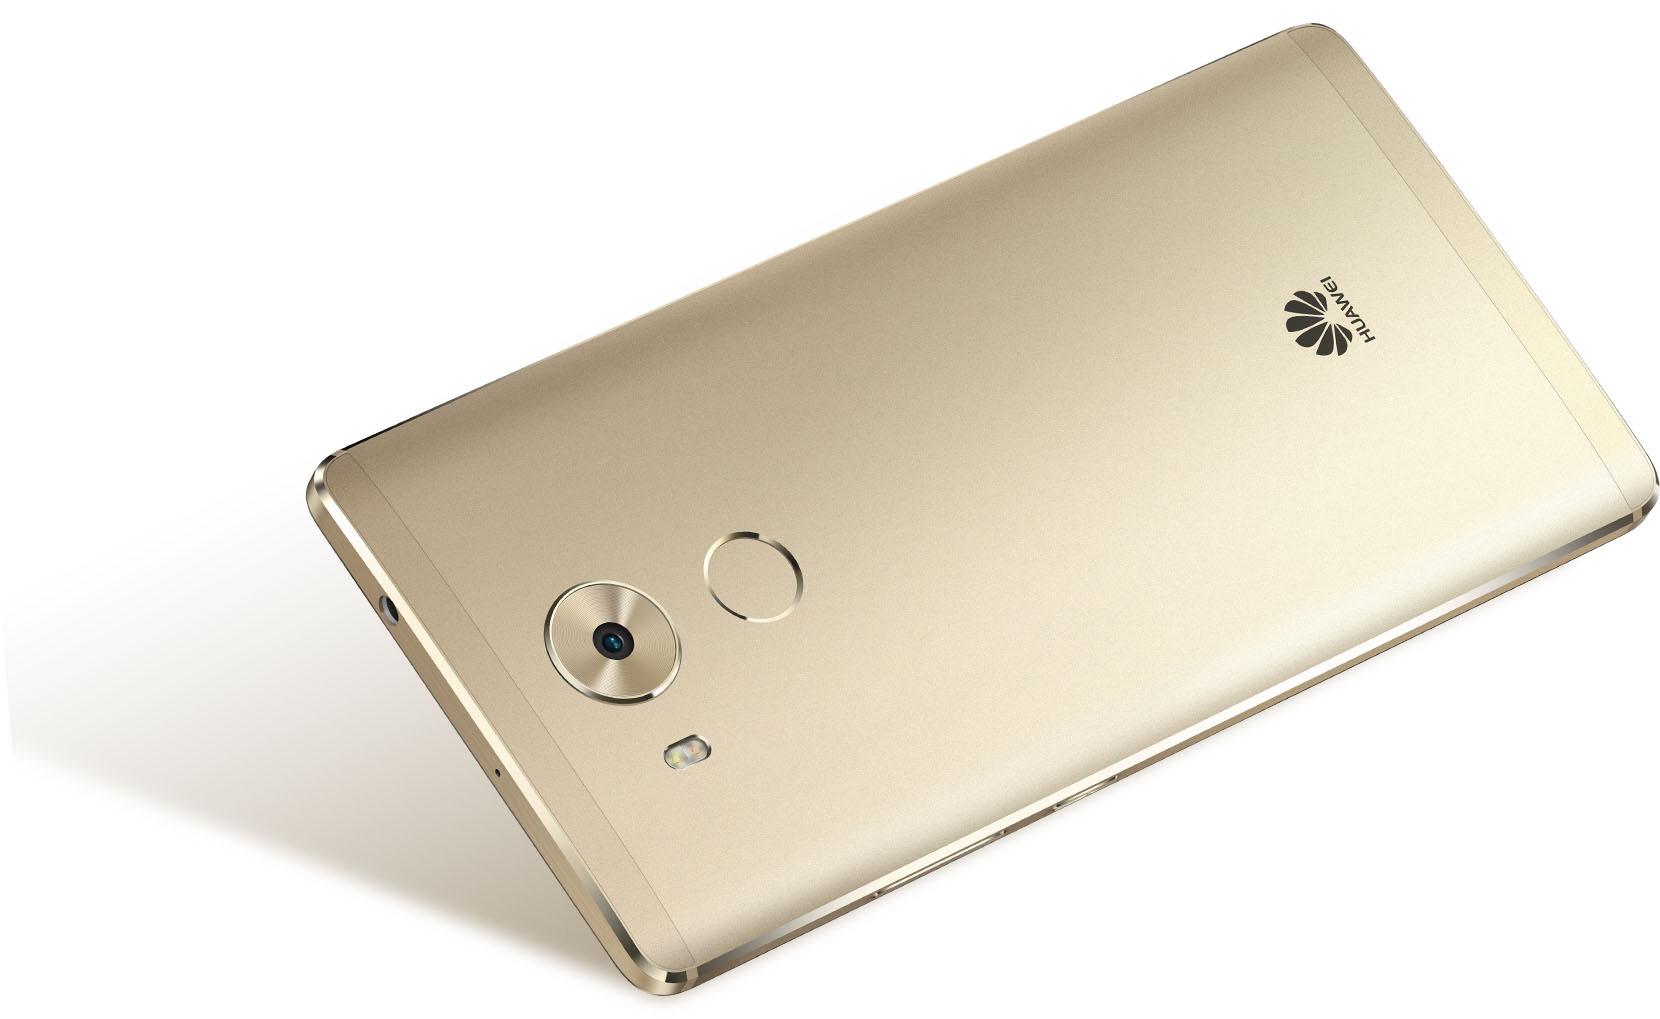 Huawei Mate 8_1